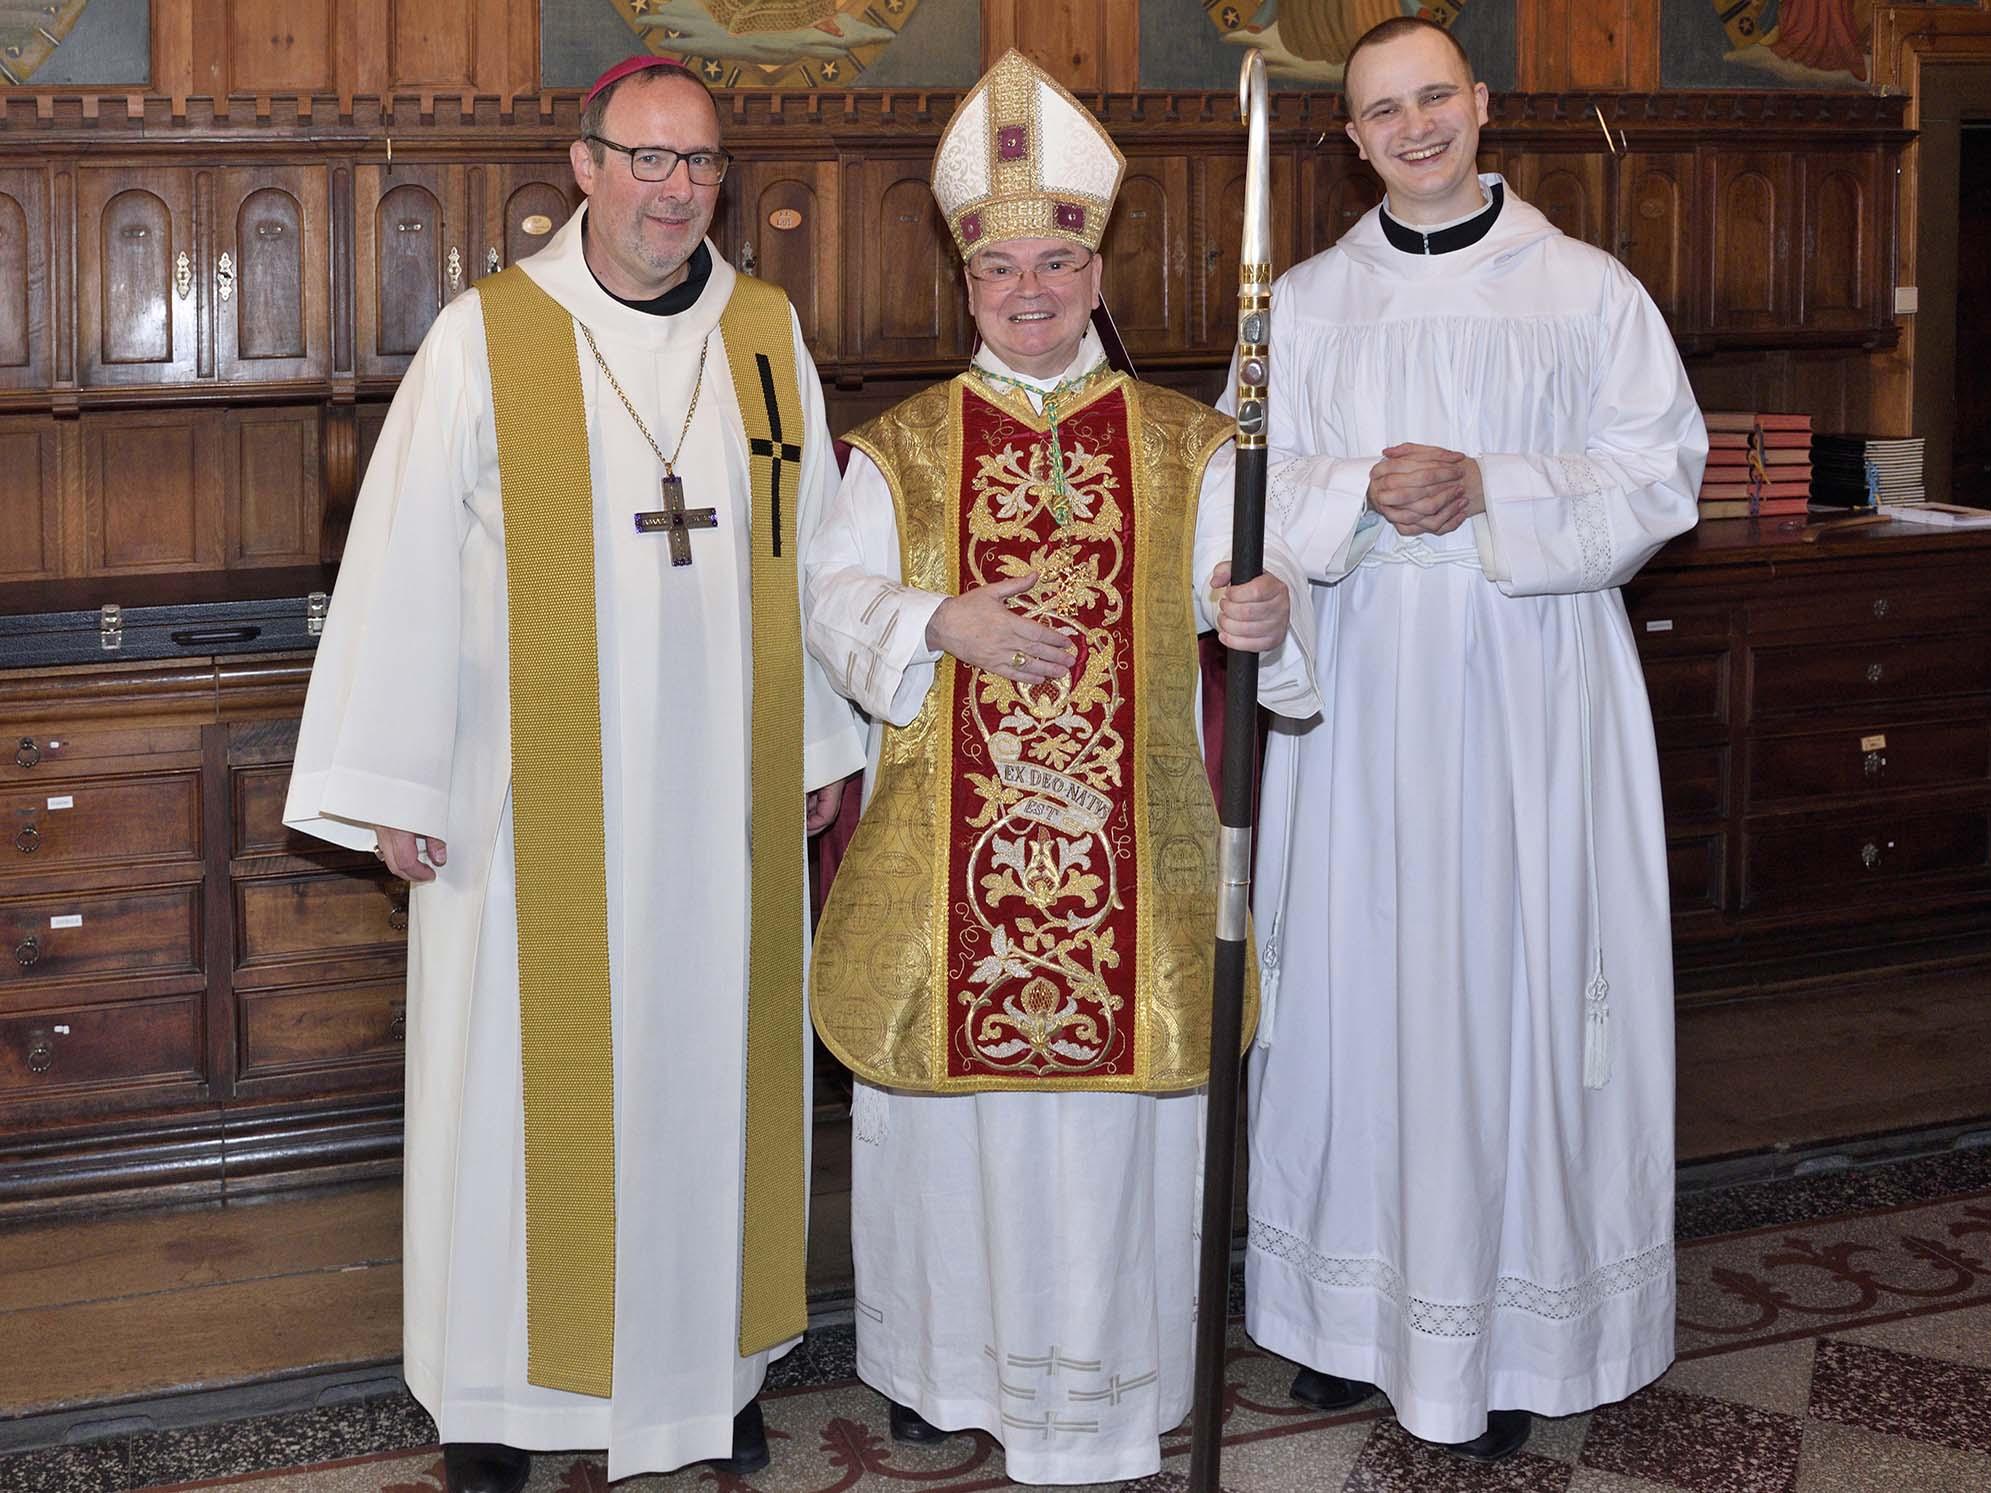 Am Hochfest Mariä Himmelfahrt weihte Bischof Bertram den Zisterzienser Fr. Maurus Korn im Kloster Wettingen-Mehrerau (Österreich) zum Diakon. (Fotos: Zisterzienserabtei Wettingen-Mehrerau)